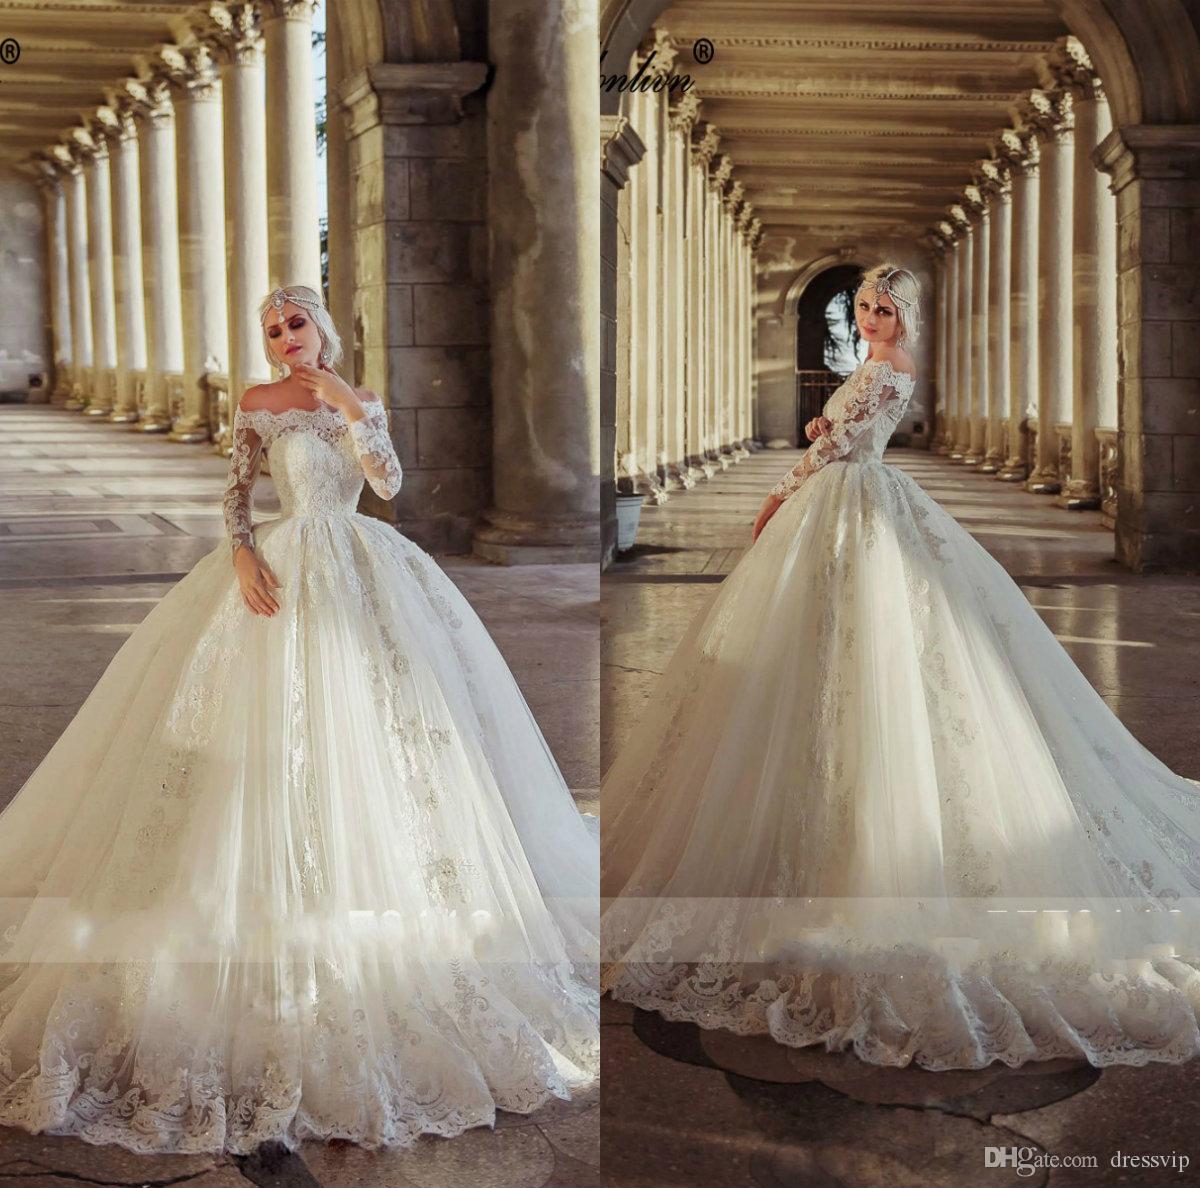 Luxus Arabisch lange Ärmel Puffy Ballkleid Brautkleider Sweep Zug weg von der Schulter 2020 Land Brautkleider